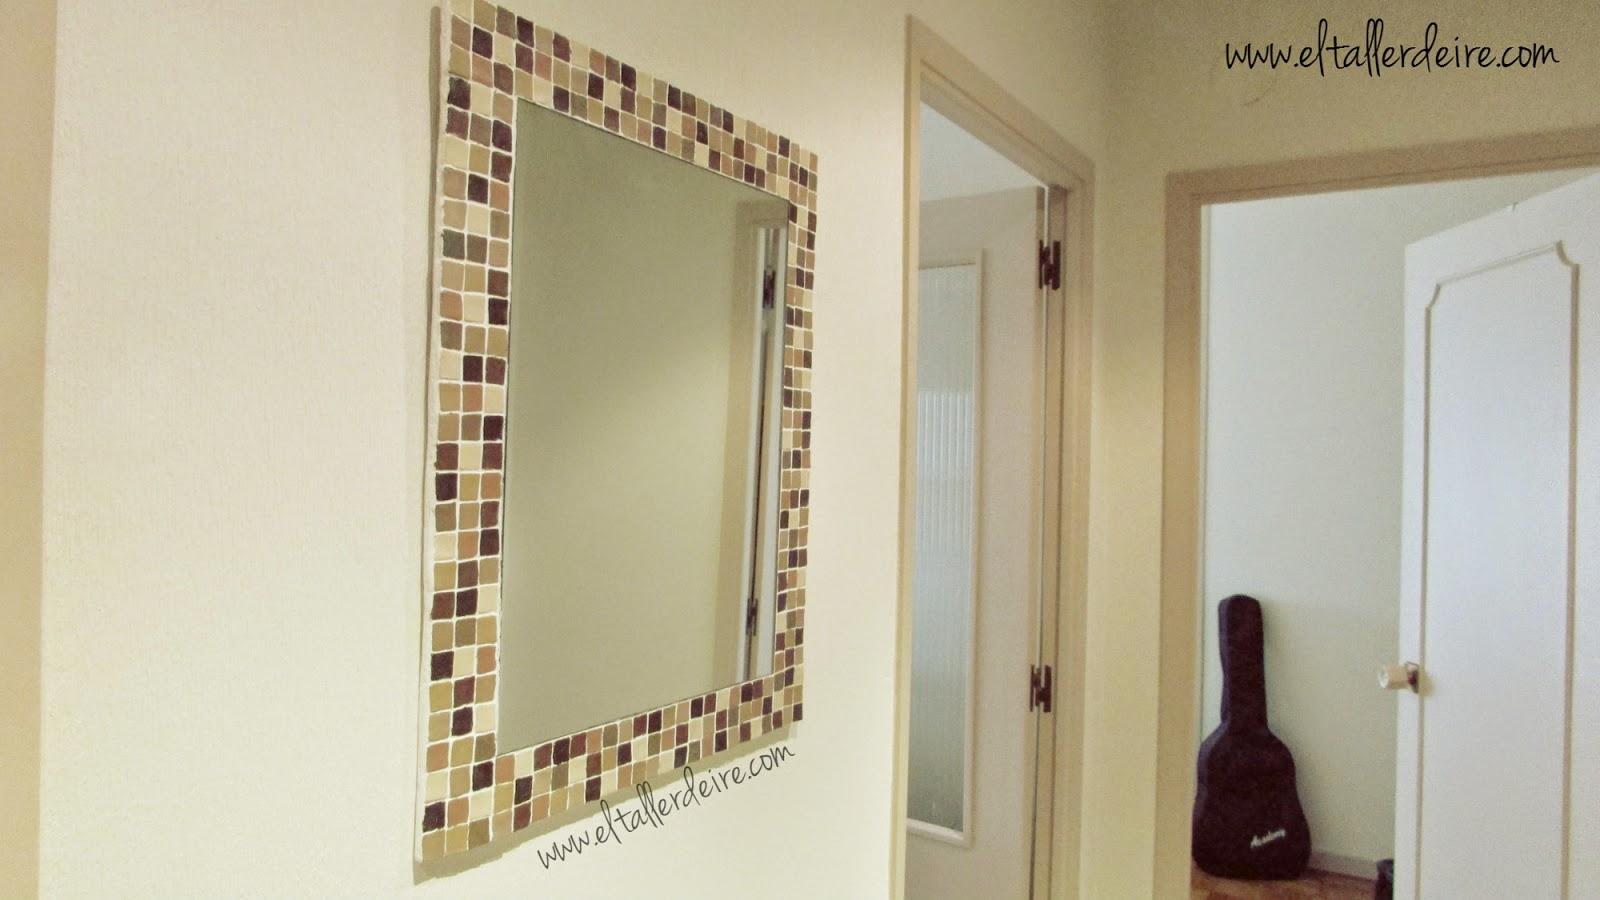 c mo hacer un marco grande con mosaico el taller de ire